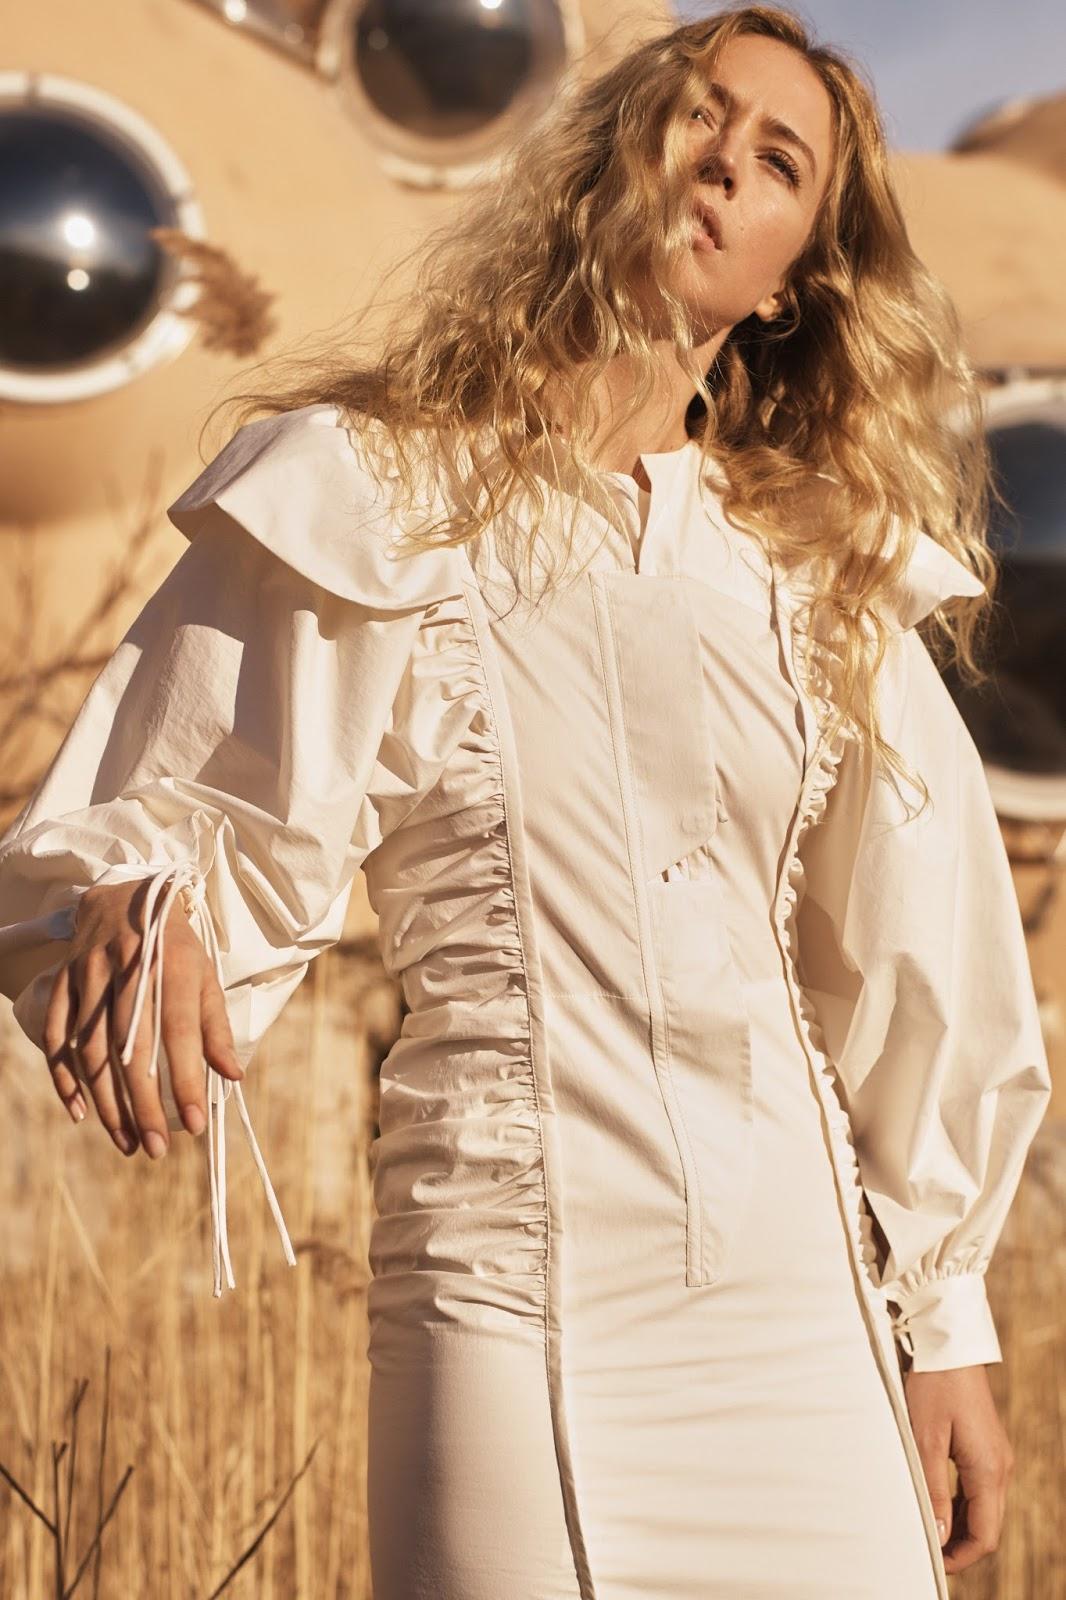 Fashion style Mangos journey towards sustainable fashion for lady